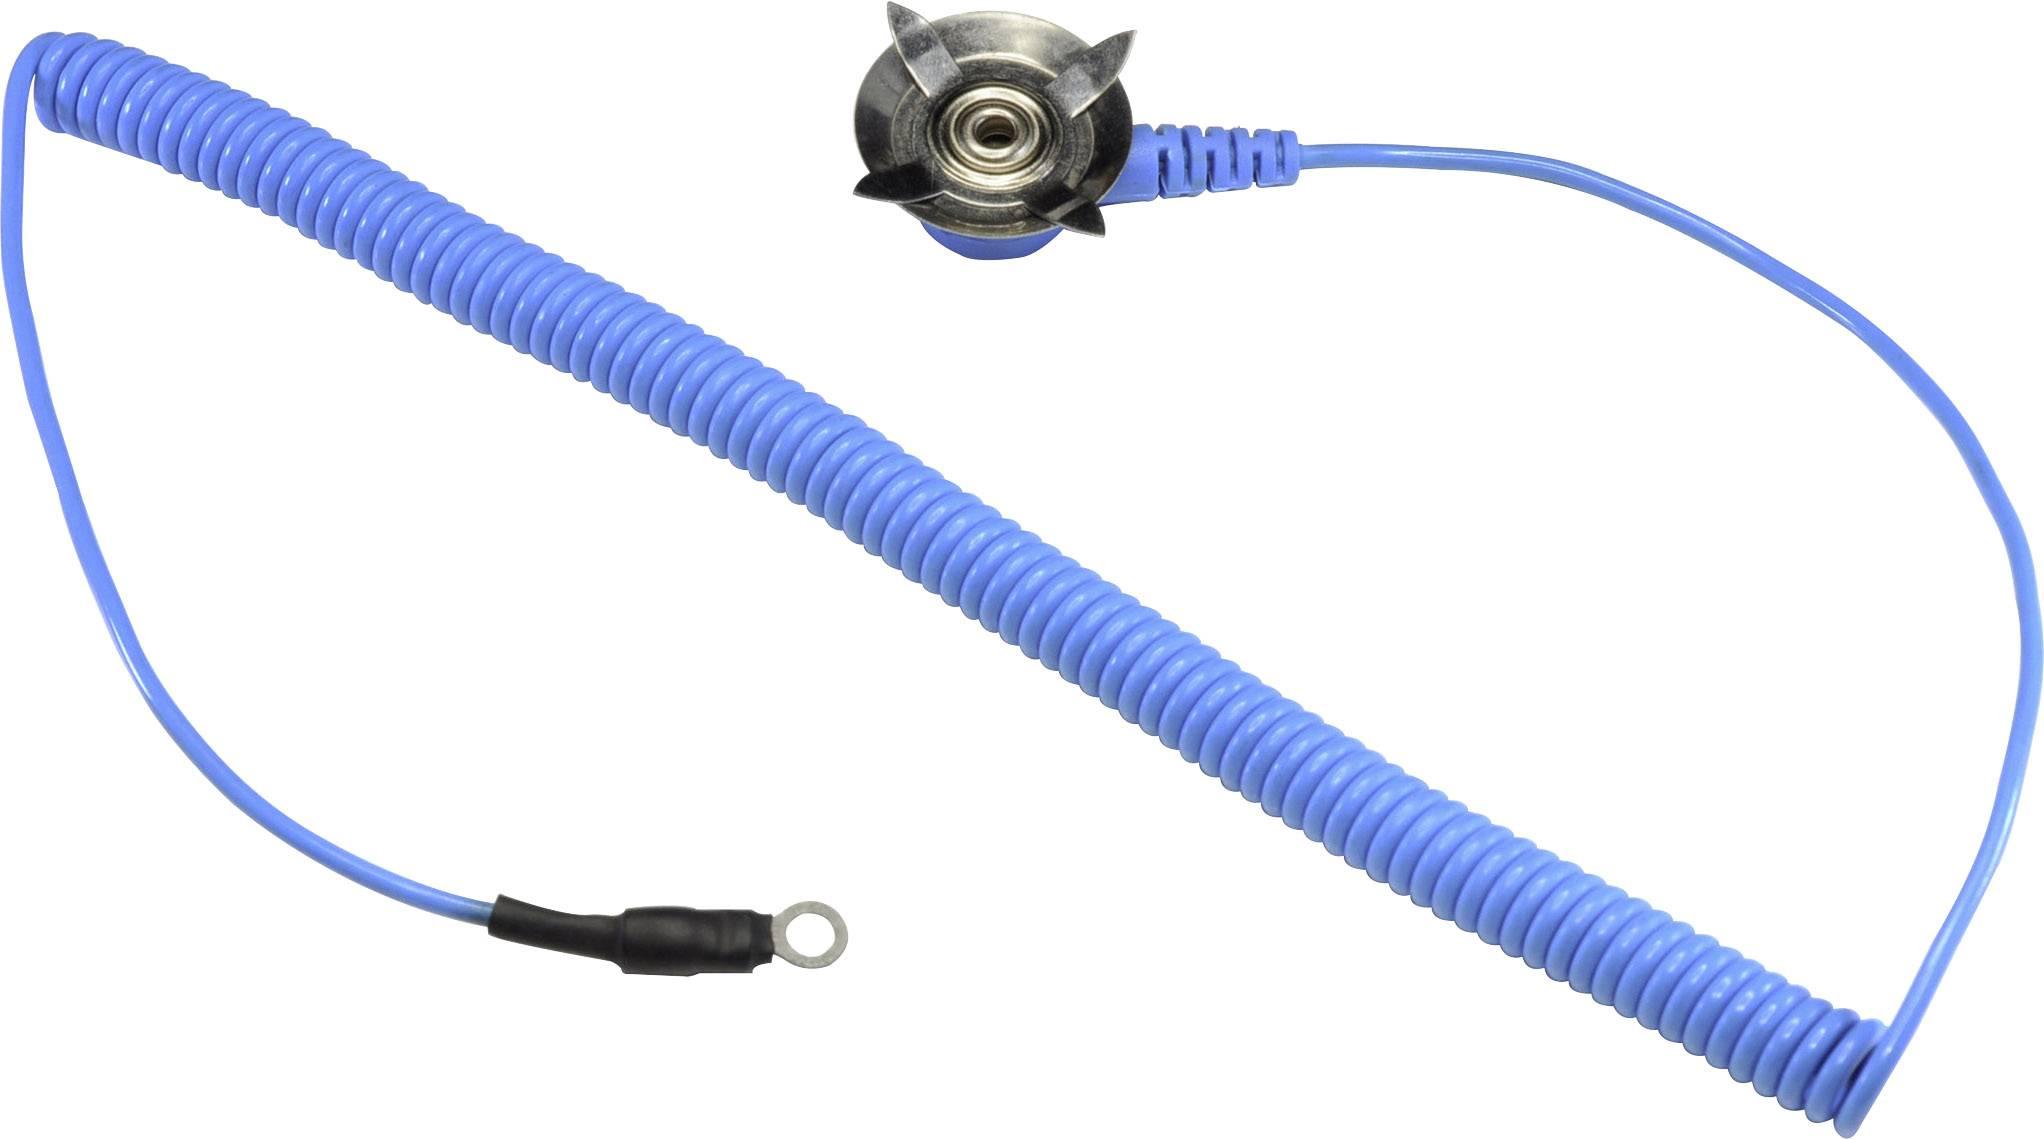 ESD zemnicí kabel k rohoži Conrad Components EkA-305-AD-R, 3.05 m prstencové očko 4 mm